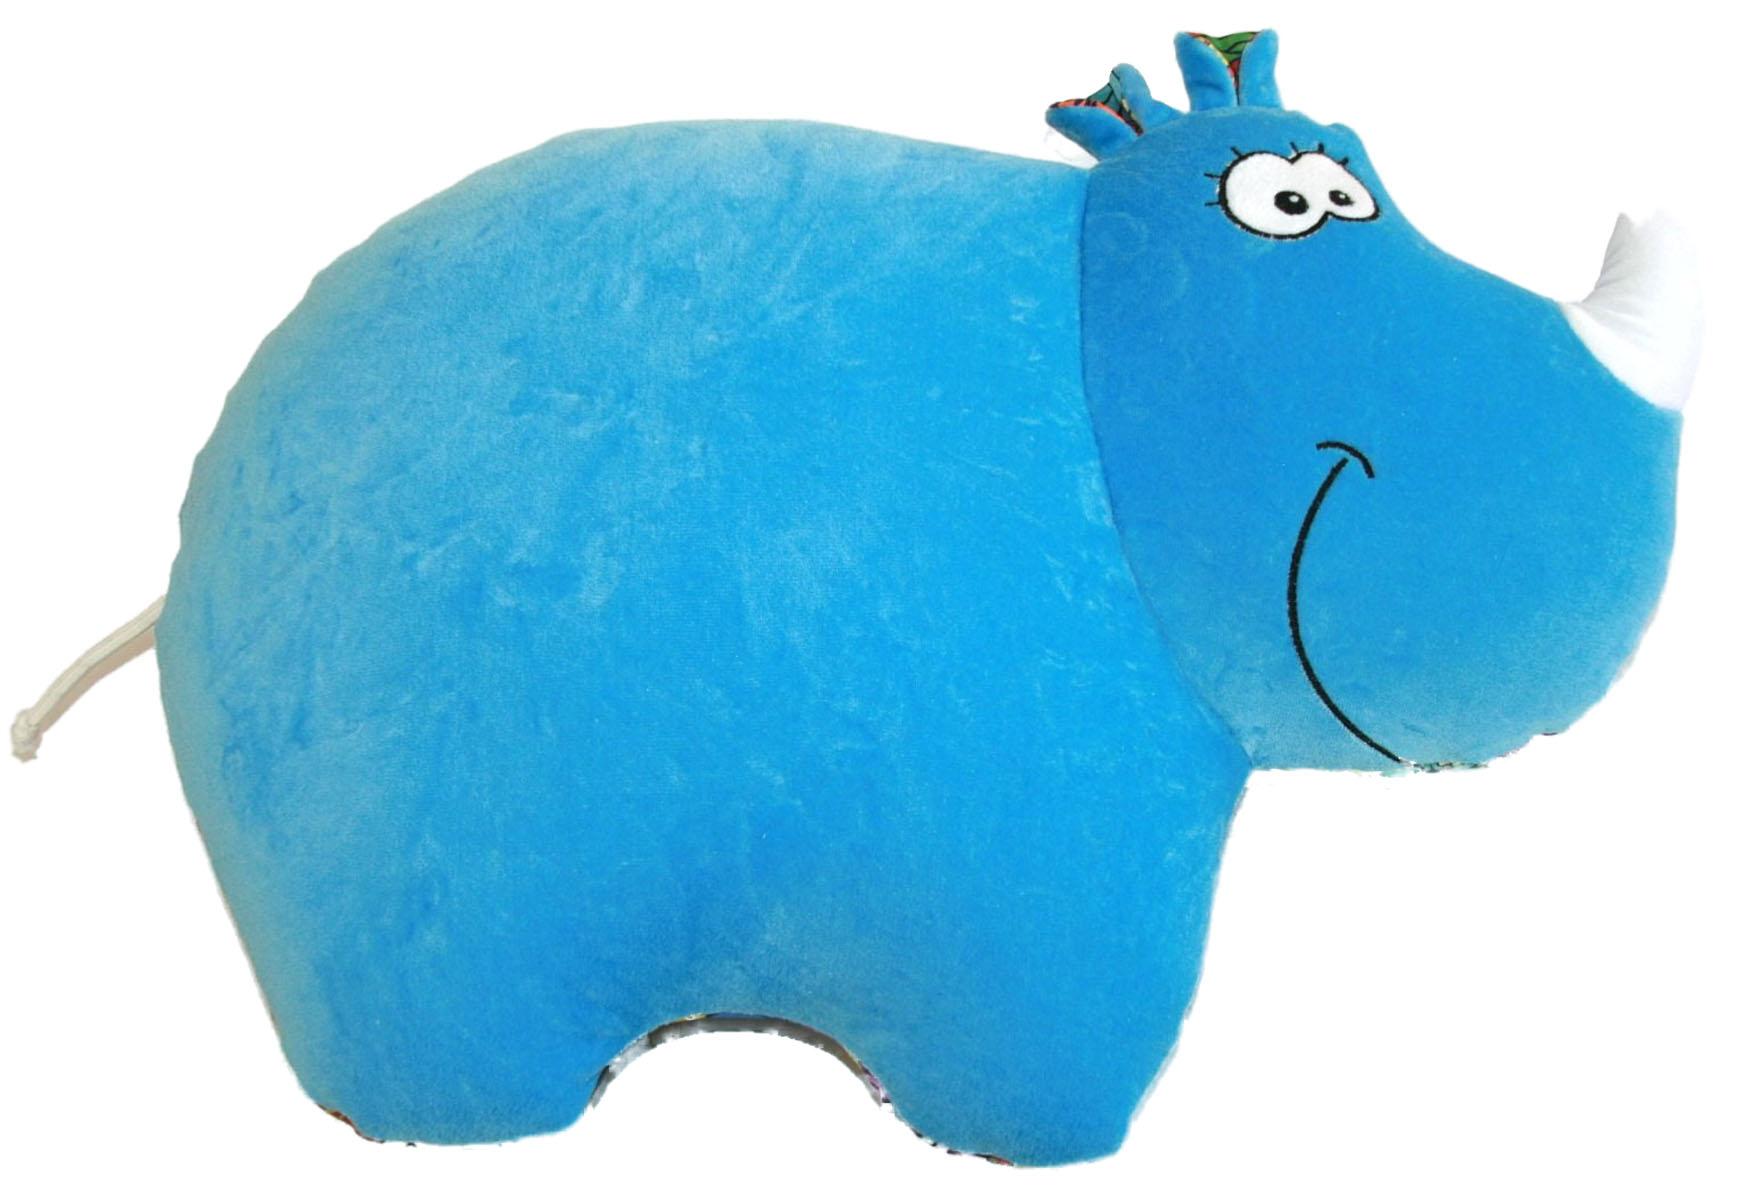 Игрушка-антистресс СмолТойс Носорог, 39 см2659/ГЛ/44Иногда так хочется отдохнуть, расслабиться и забыть обо всем. Подушка-антистресс Носорог, выполненная в виде жизнерадостного носорога, способна зарядить вас позитивом и стать аккумулятором хорошего настроения. Спереди носорог изготовлен из синего плюша,а сзади из красочного полиэстера с изображением ярких цветов. Помимо того, что антистрессовые подушки очень эффектны и красивы, они создают поистине волшебный релаксирующий эффект. Благодаря тому, что их поверхность выполнена из полиэстера, они приятны на ощупь. Но главный секрет этих моделей в их наполнителе. Внутри подушек находятся тысячи мельчайших гранул полистирола. Эти подушки легки, упруги и всегда хорошо выглядят, как бы вы их ни сжимали, они неизменно возвращают себе первоначальную форму. Подушки можно даже стирать в машинке, поместив их предварительно в специальный мешок для одежды. Идеальный рецепт хорошего настроения и здорового сна! Они подходят абсолютно всем, поскольку не вызывают аллергии....